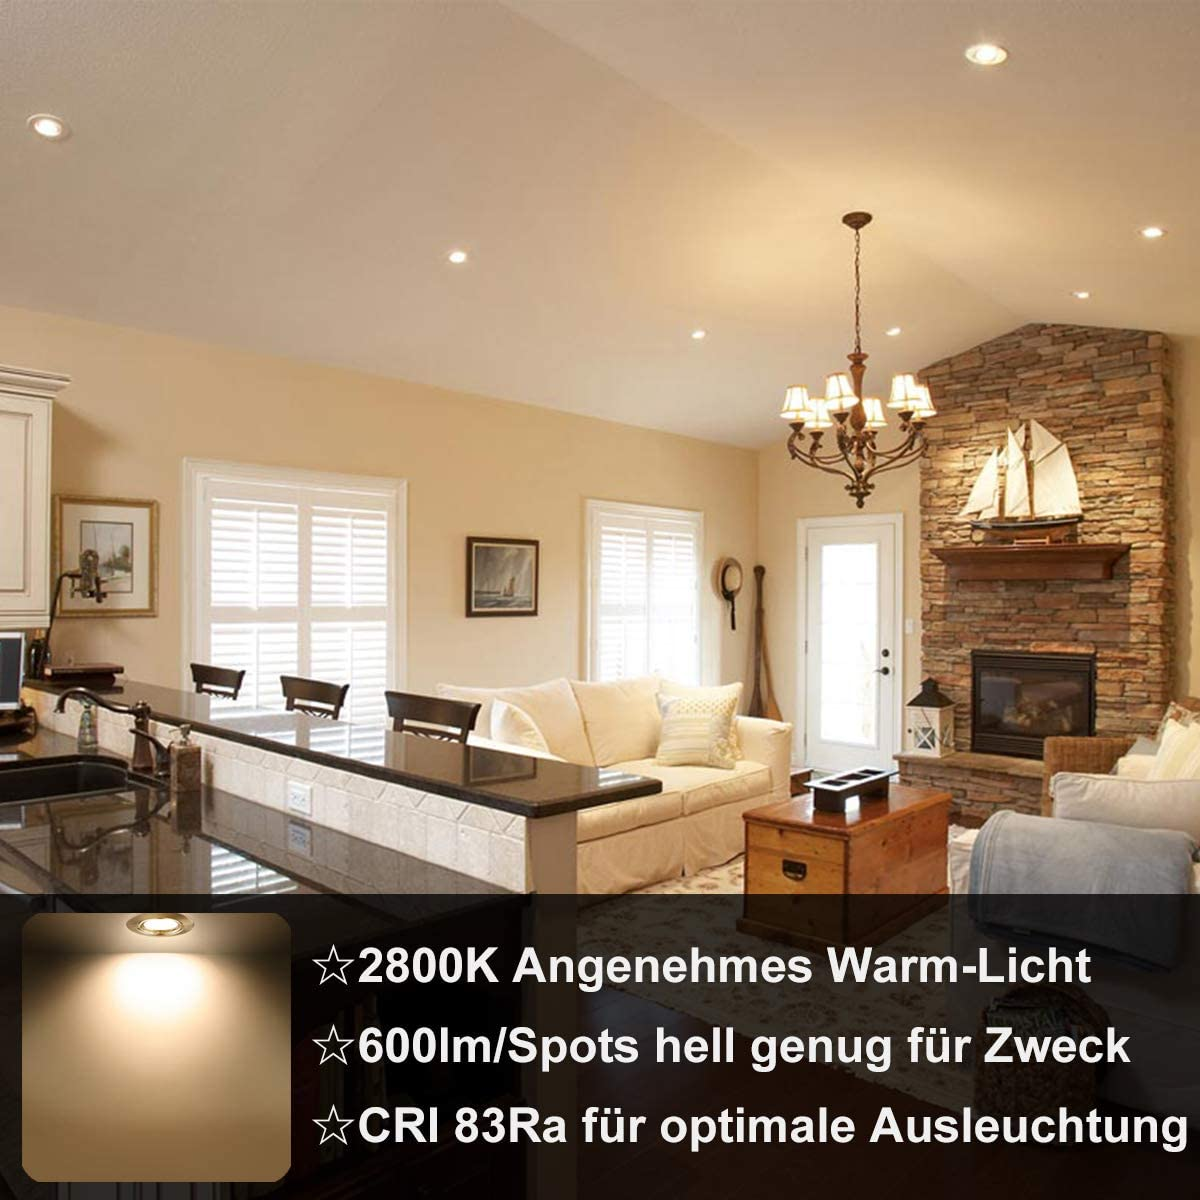 Wowatt LED Einbaustrahler 15V Einbauleuchte Schwenkbar 15K Warmweiß  Einbauspots f. Loch 15-15mm Rund inkl. 15x 15W GU15 Spots  Deckeneinbaustrahler